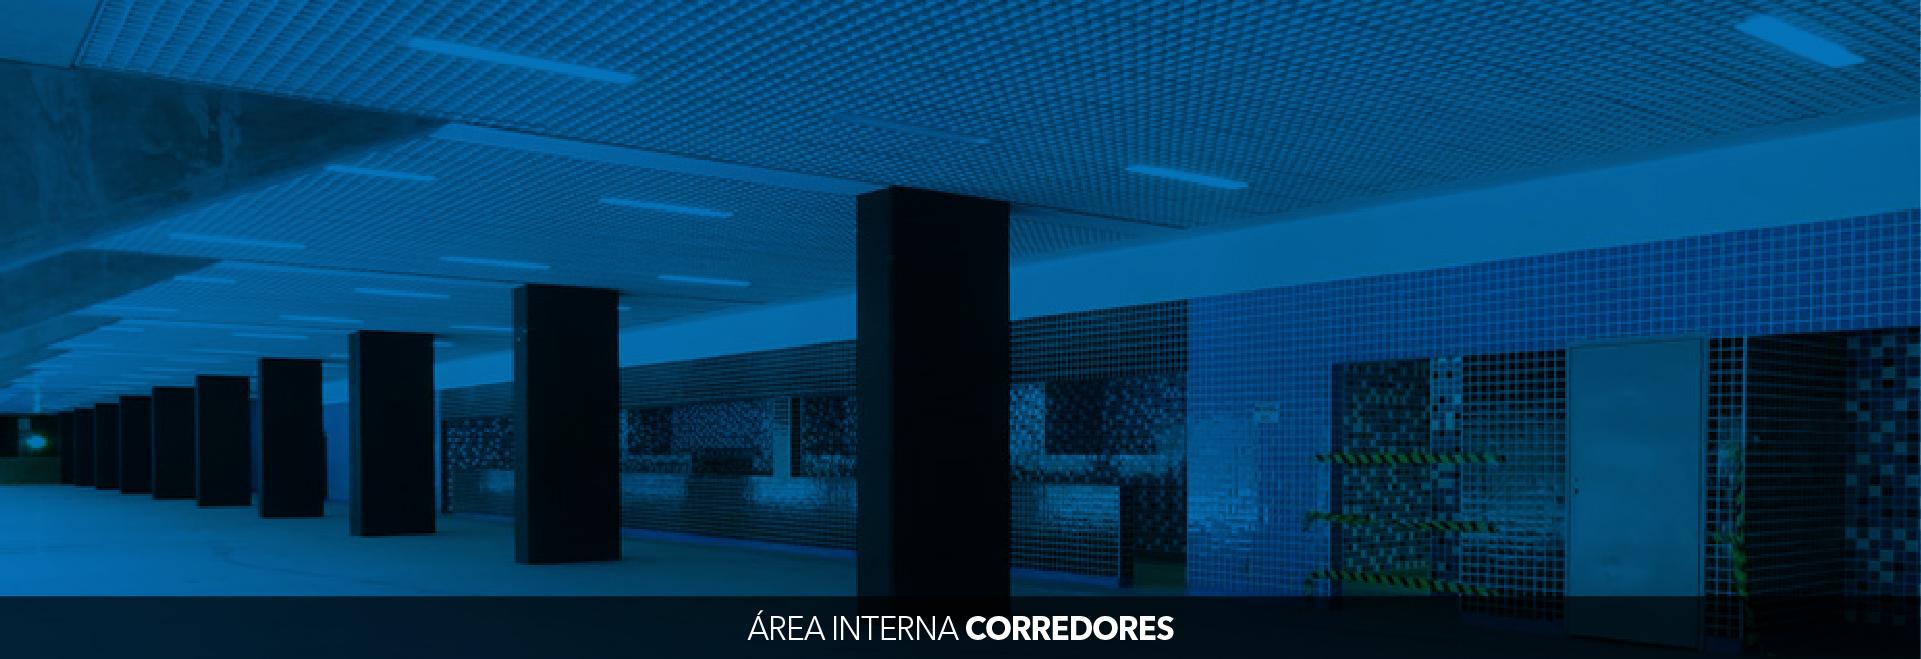 ARENA_SITE_SOBRE-02